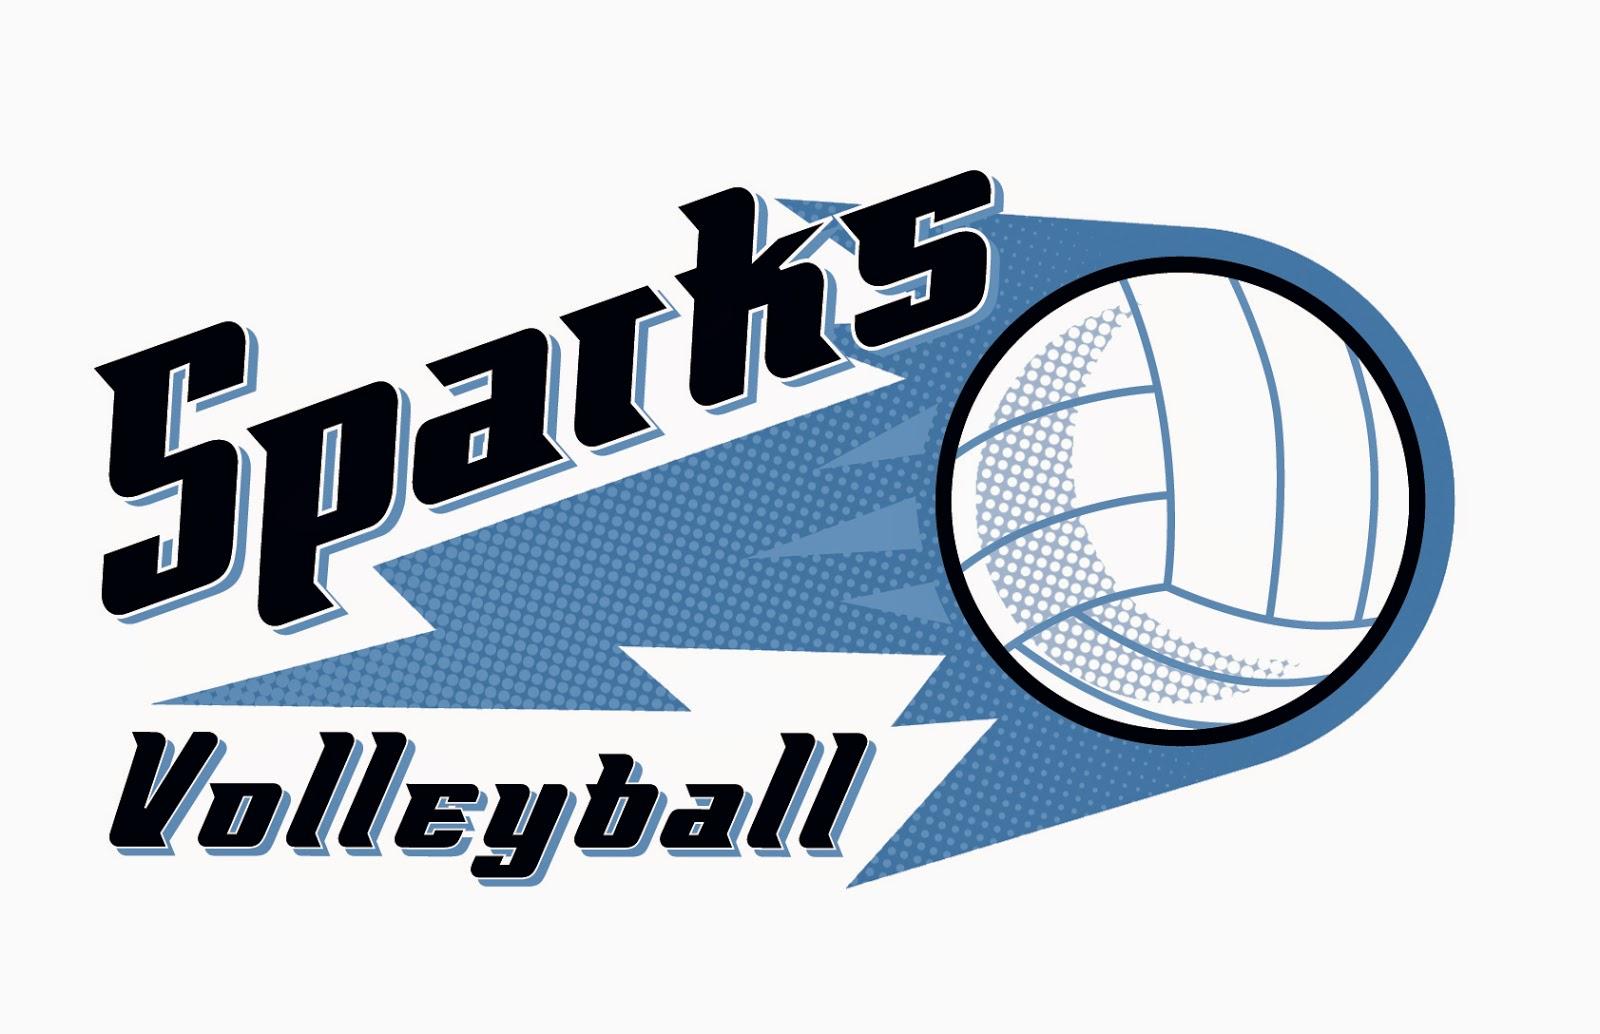 Volleyball team logo design